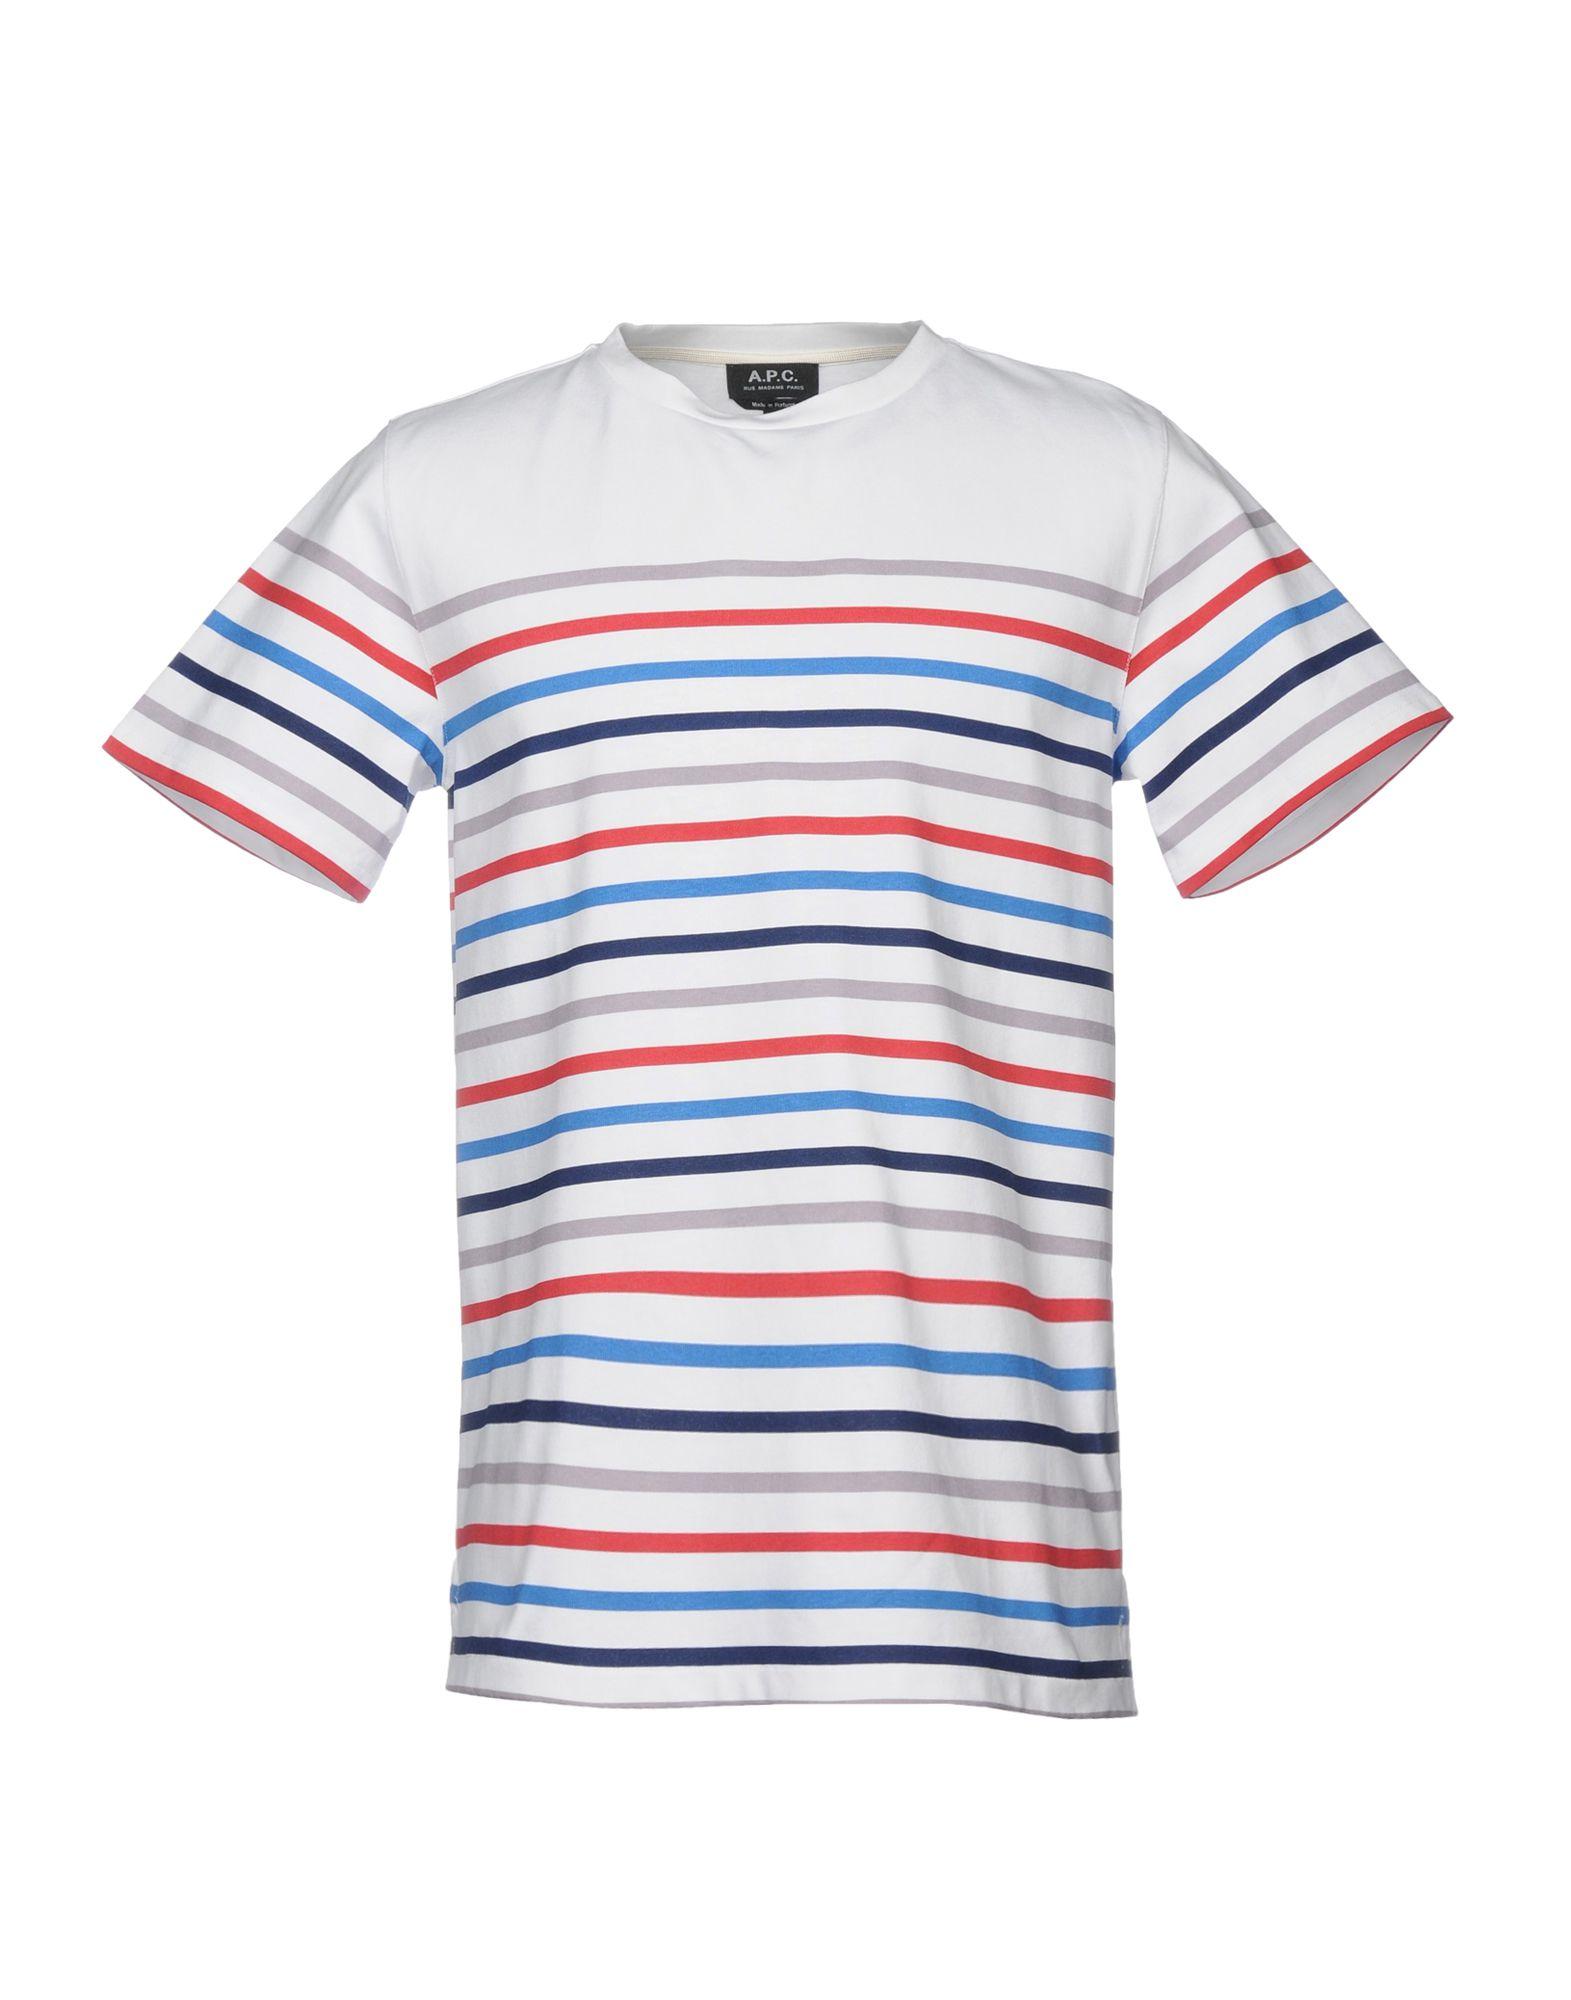 T-Shirt A.P.C. uomo - 12145475FN 12145475FN 12145475FN 391